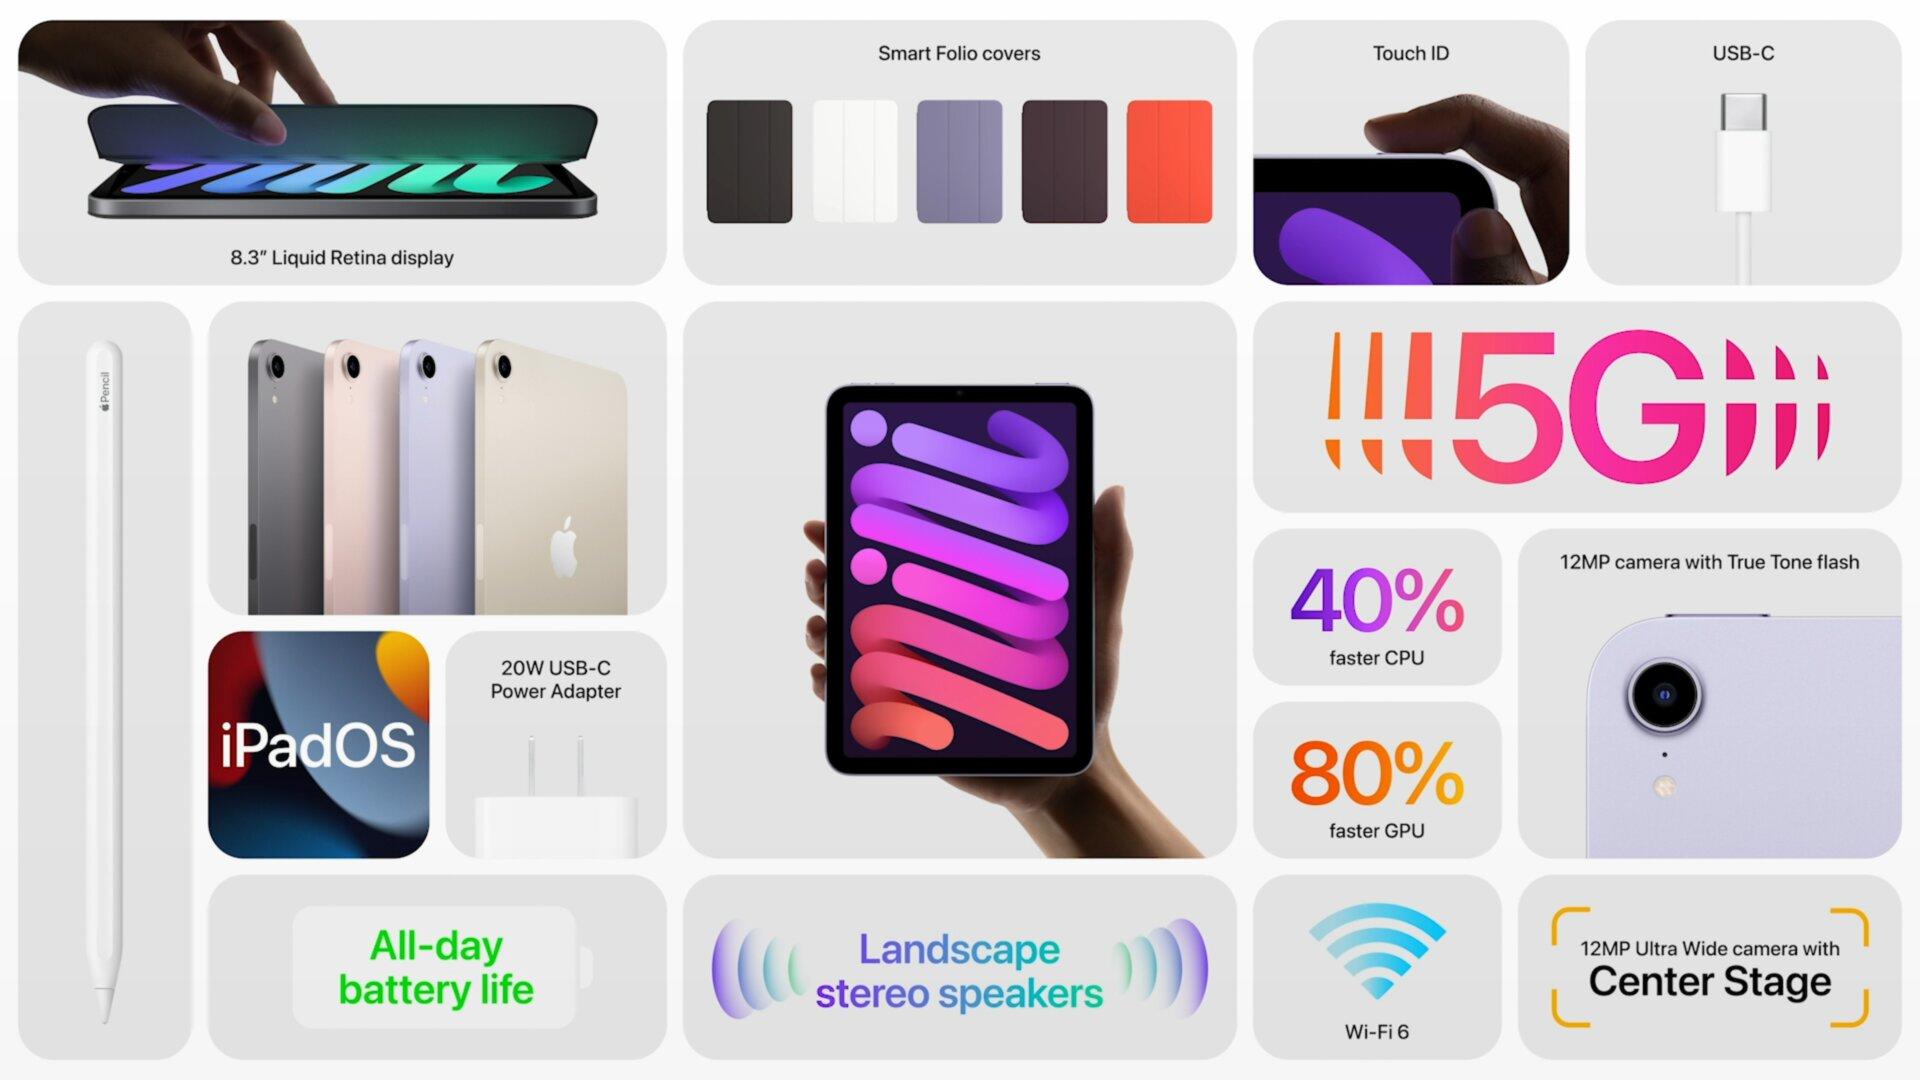 Das neue iPad 2021 (6. Generation) mit dem iPhone SoC